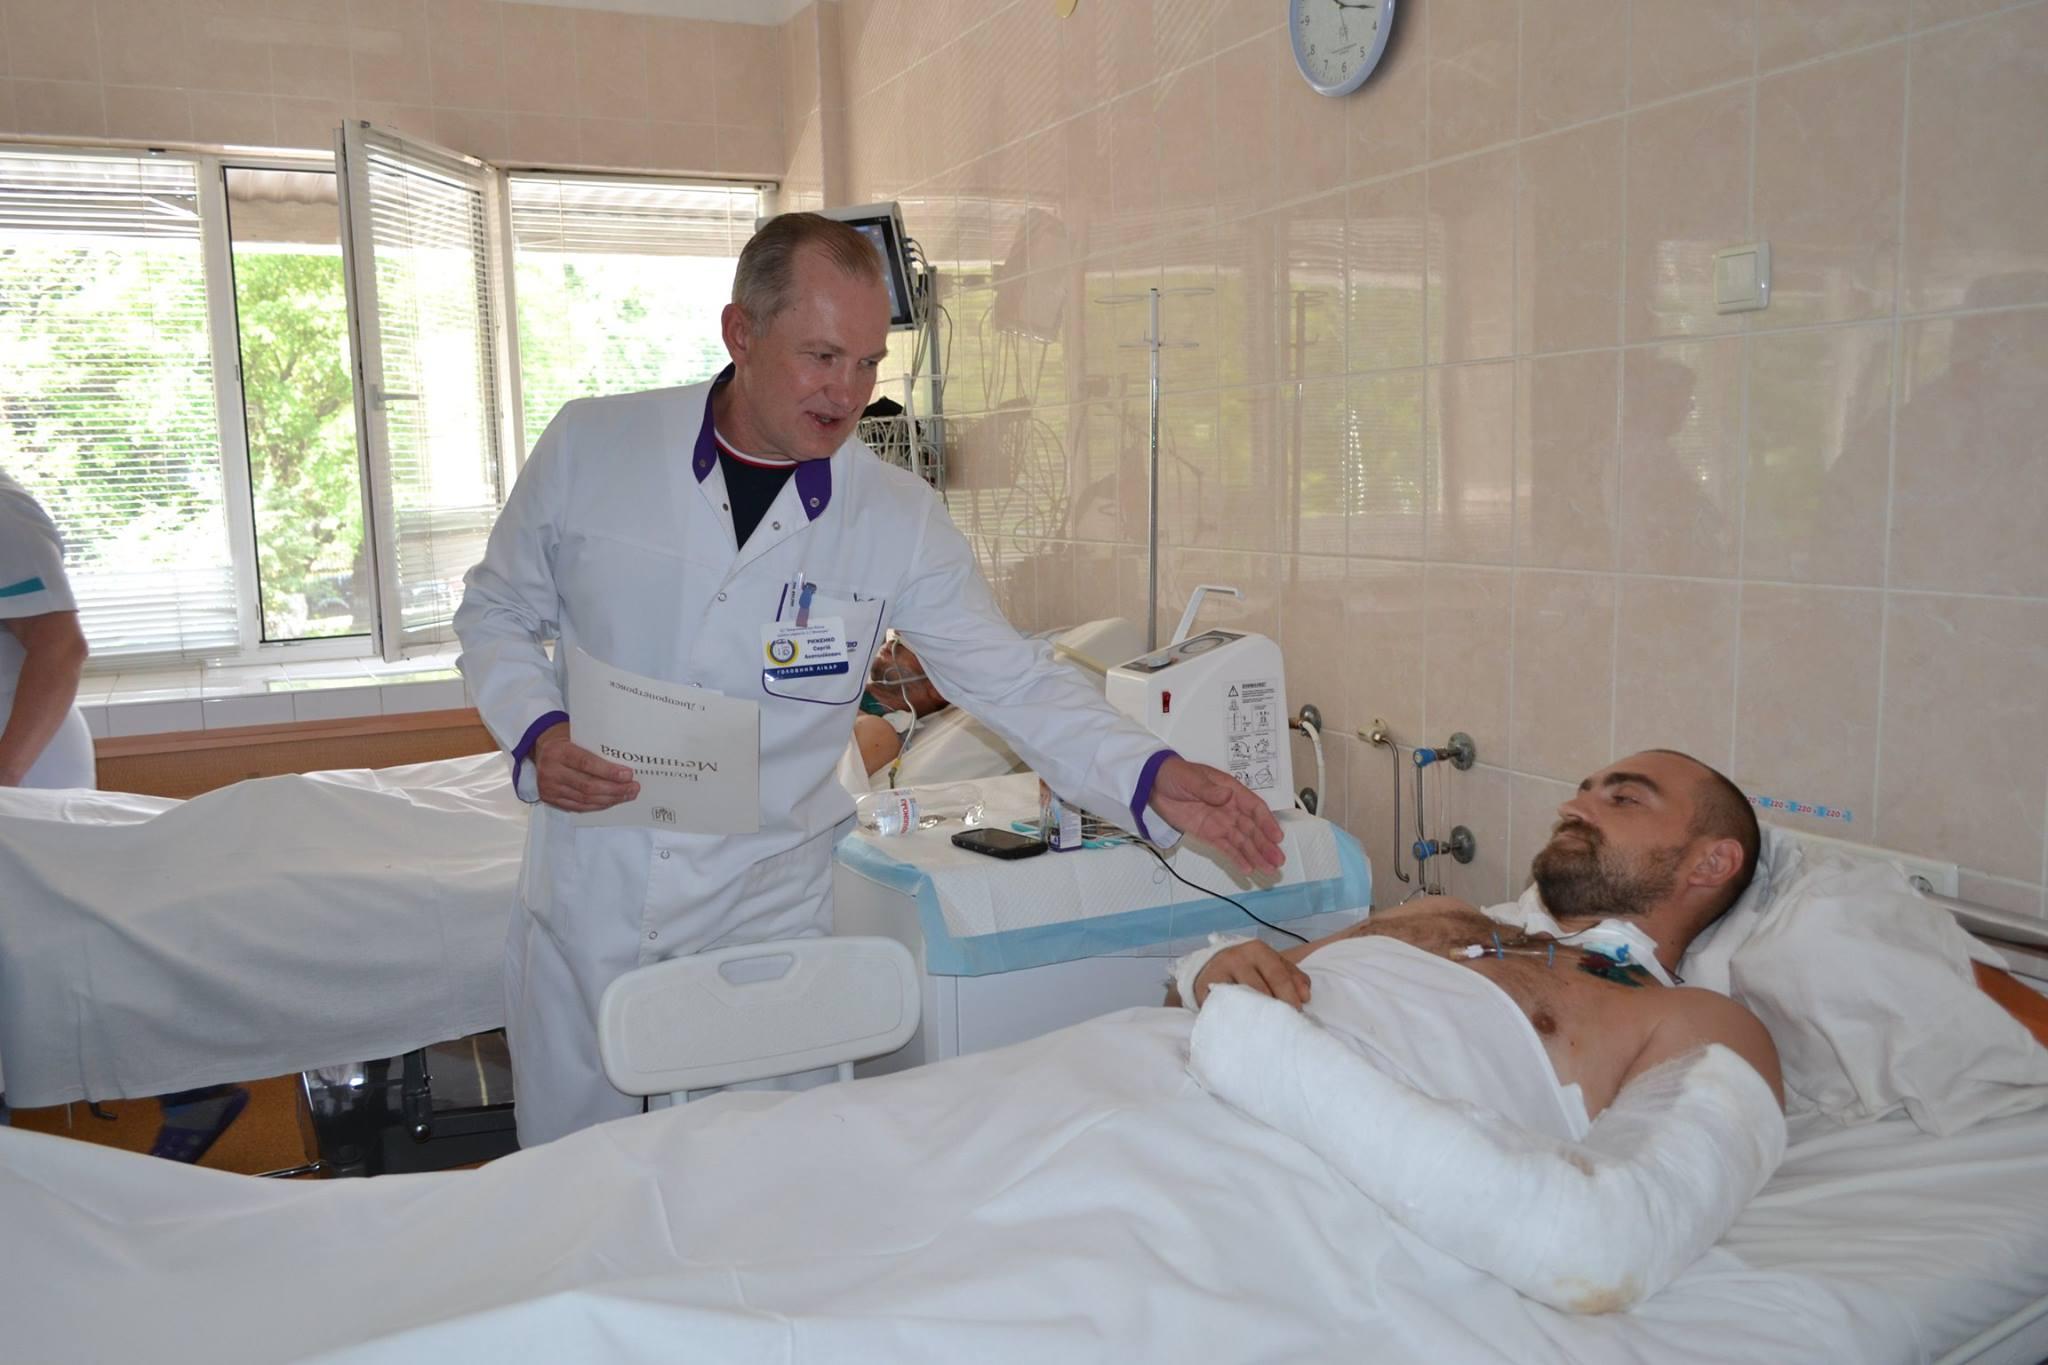 Лікарі Мечникова у Дніпрі врятували майже 2,5 тисячі життів! Хірург Олексій Анатолійович Комок – один із тих, хто щодня рятує армійців.